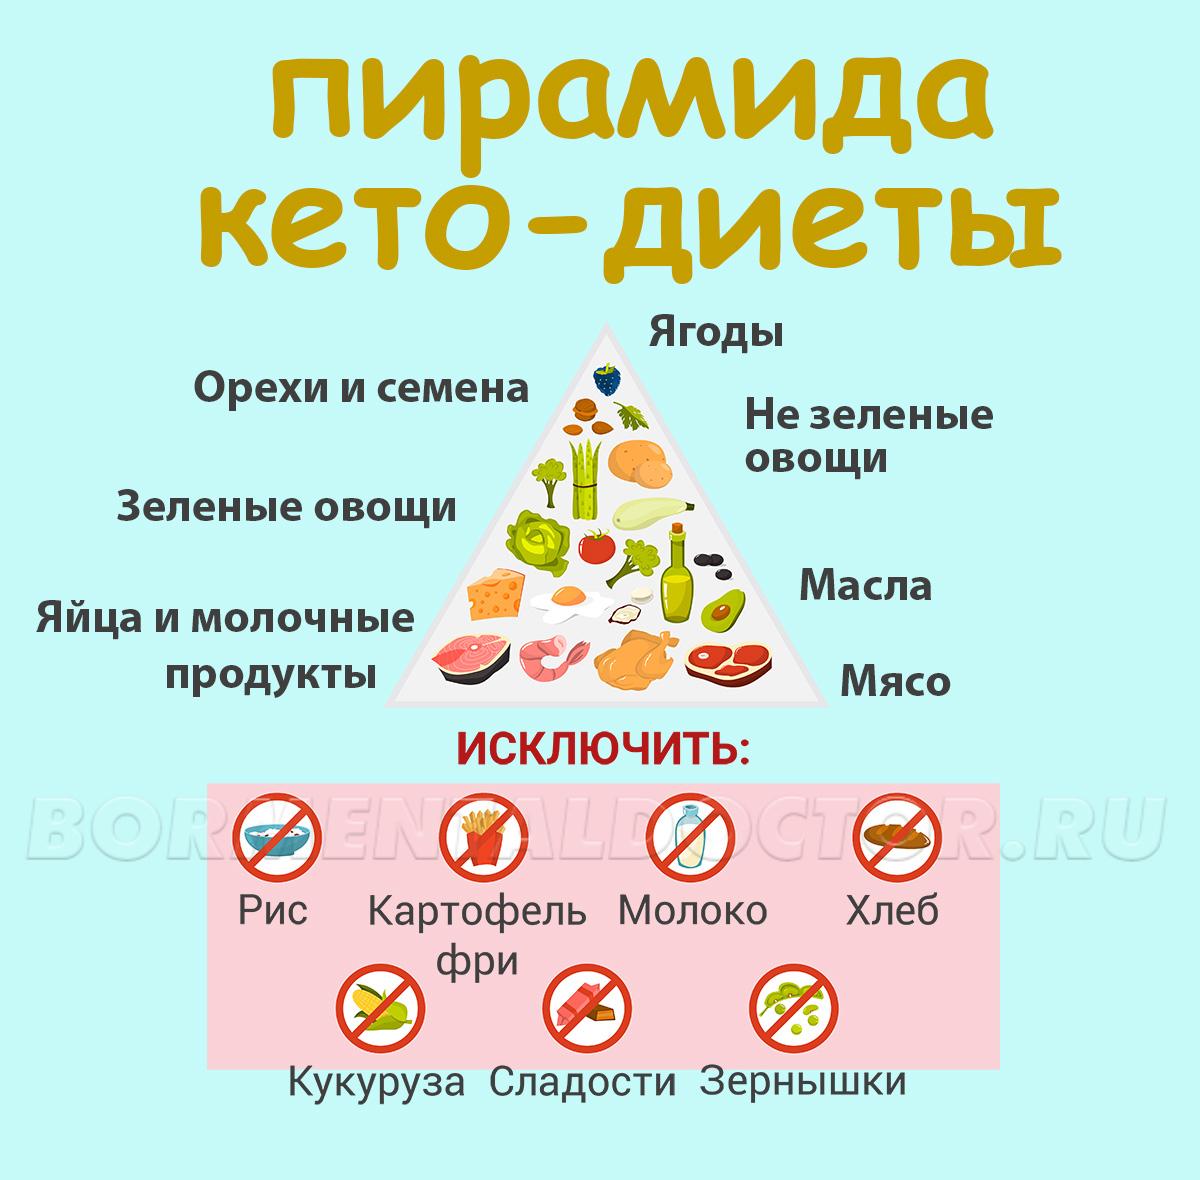 [BBBKEYWORD]. Веганская диета: основы похудения. Меню веганской диеты